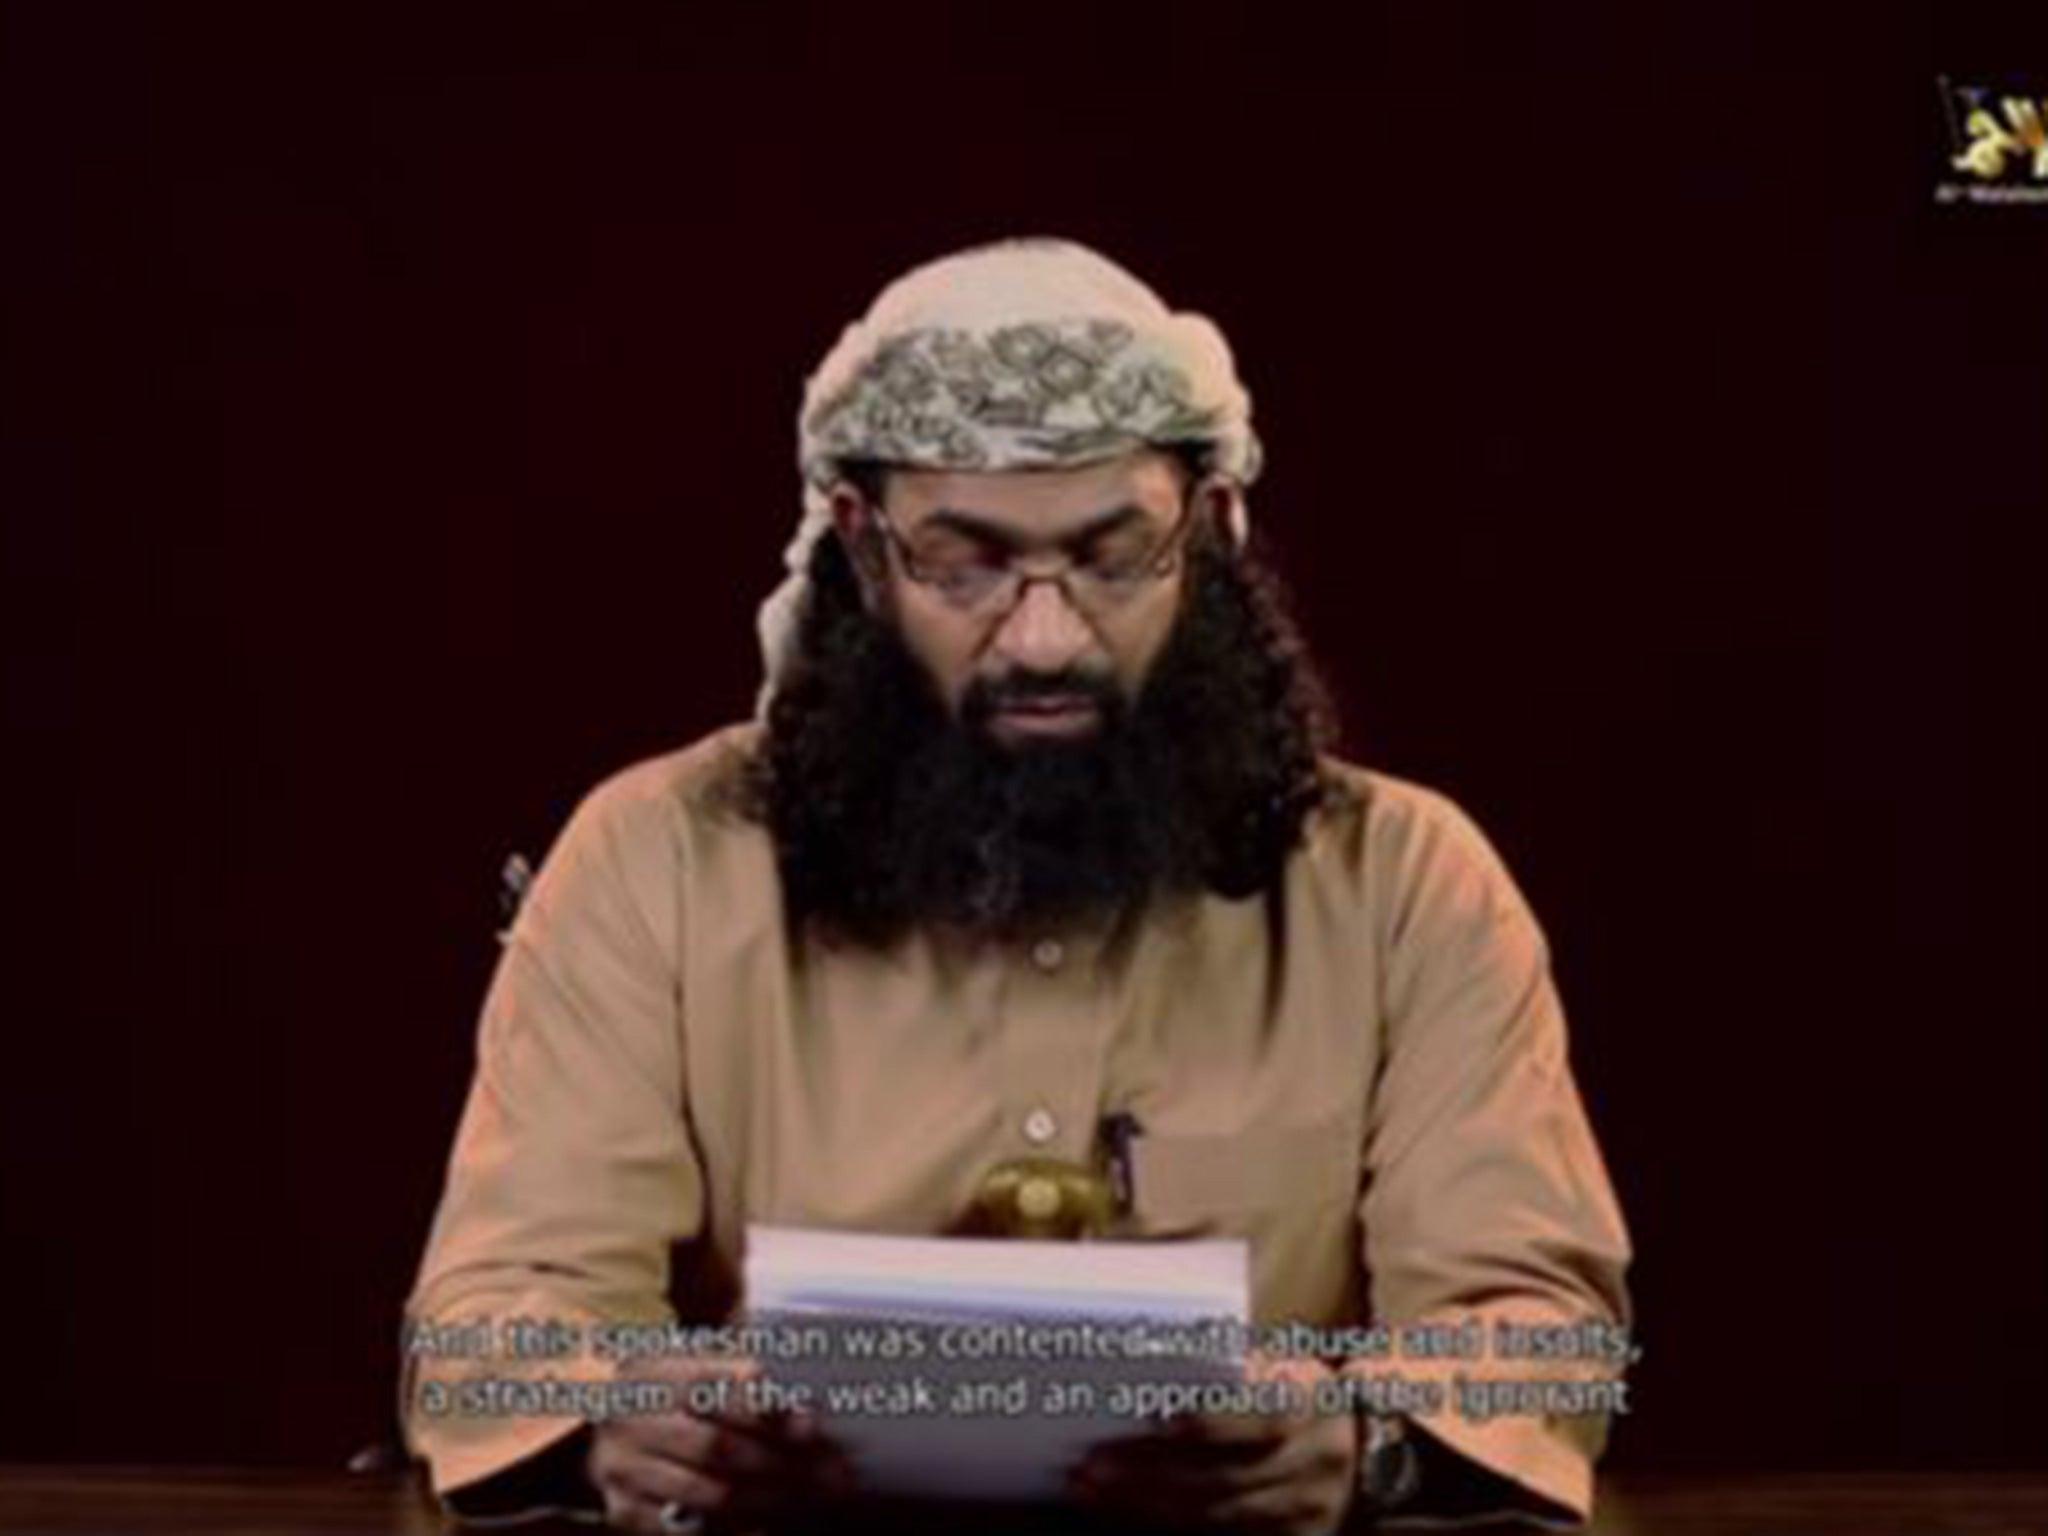 Ayman al zawahiri wife sexual dysfunction